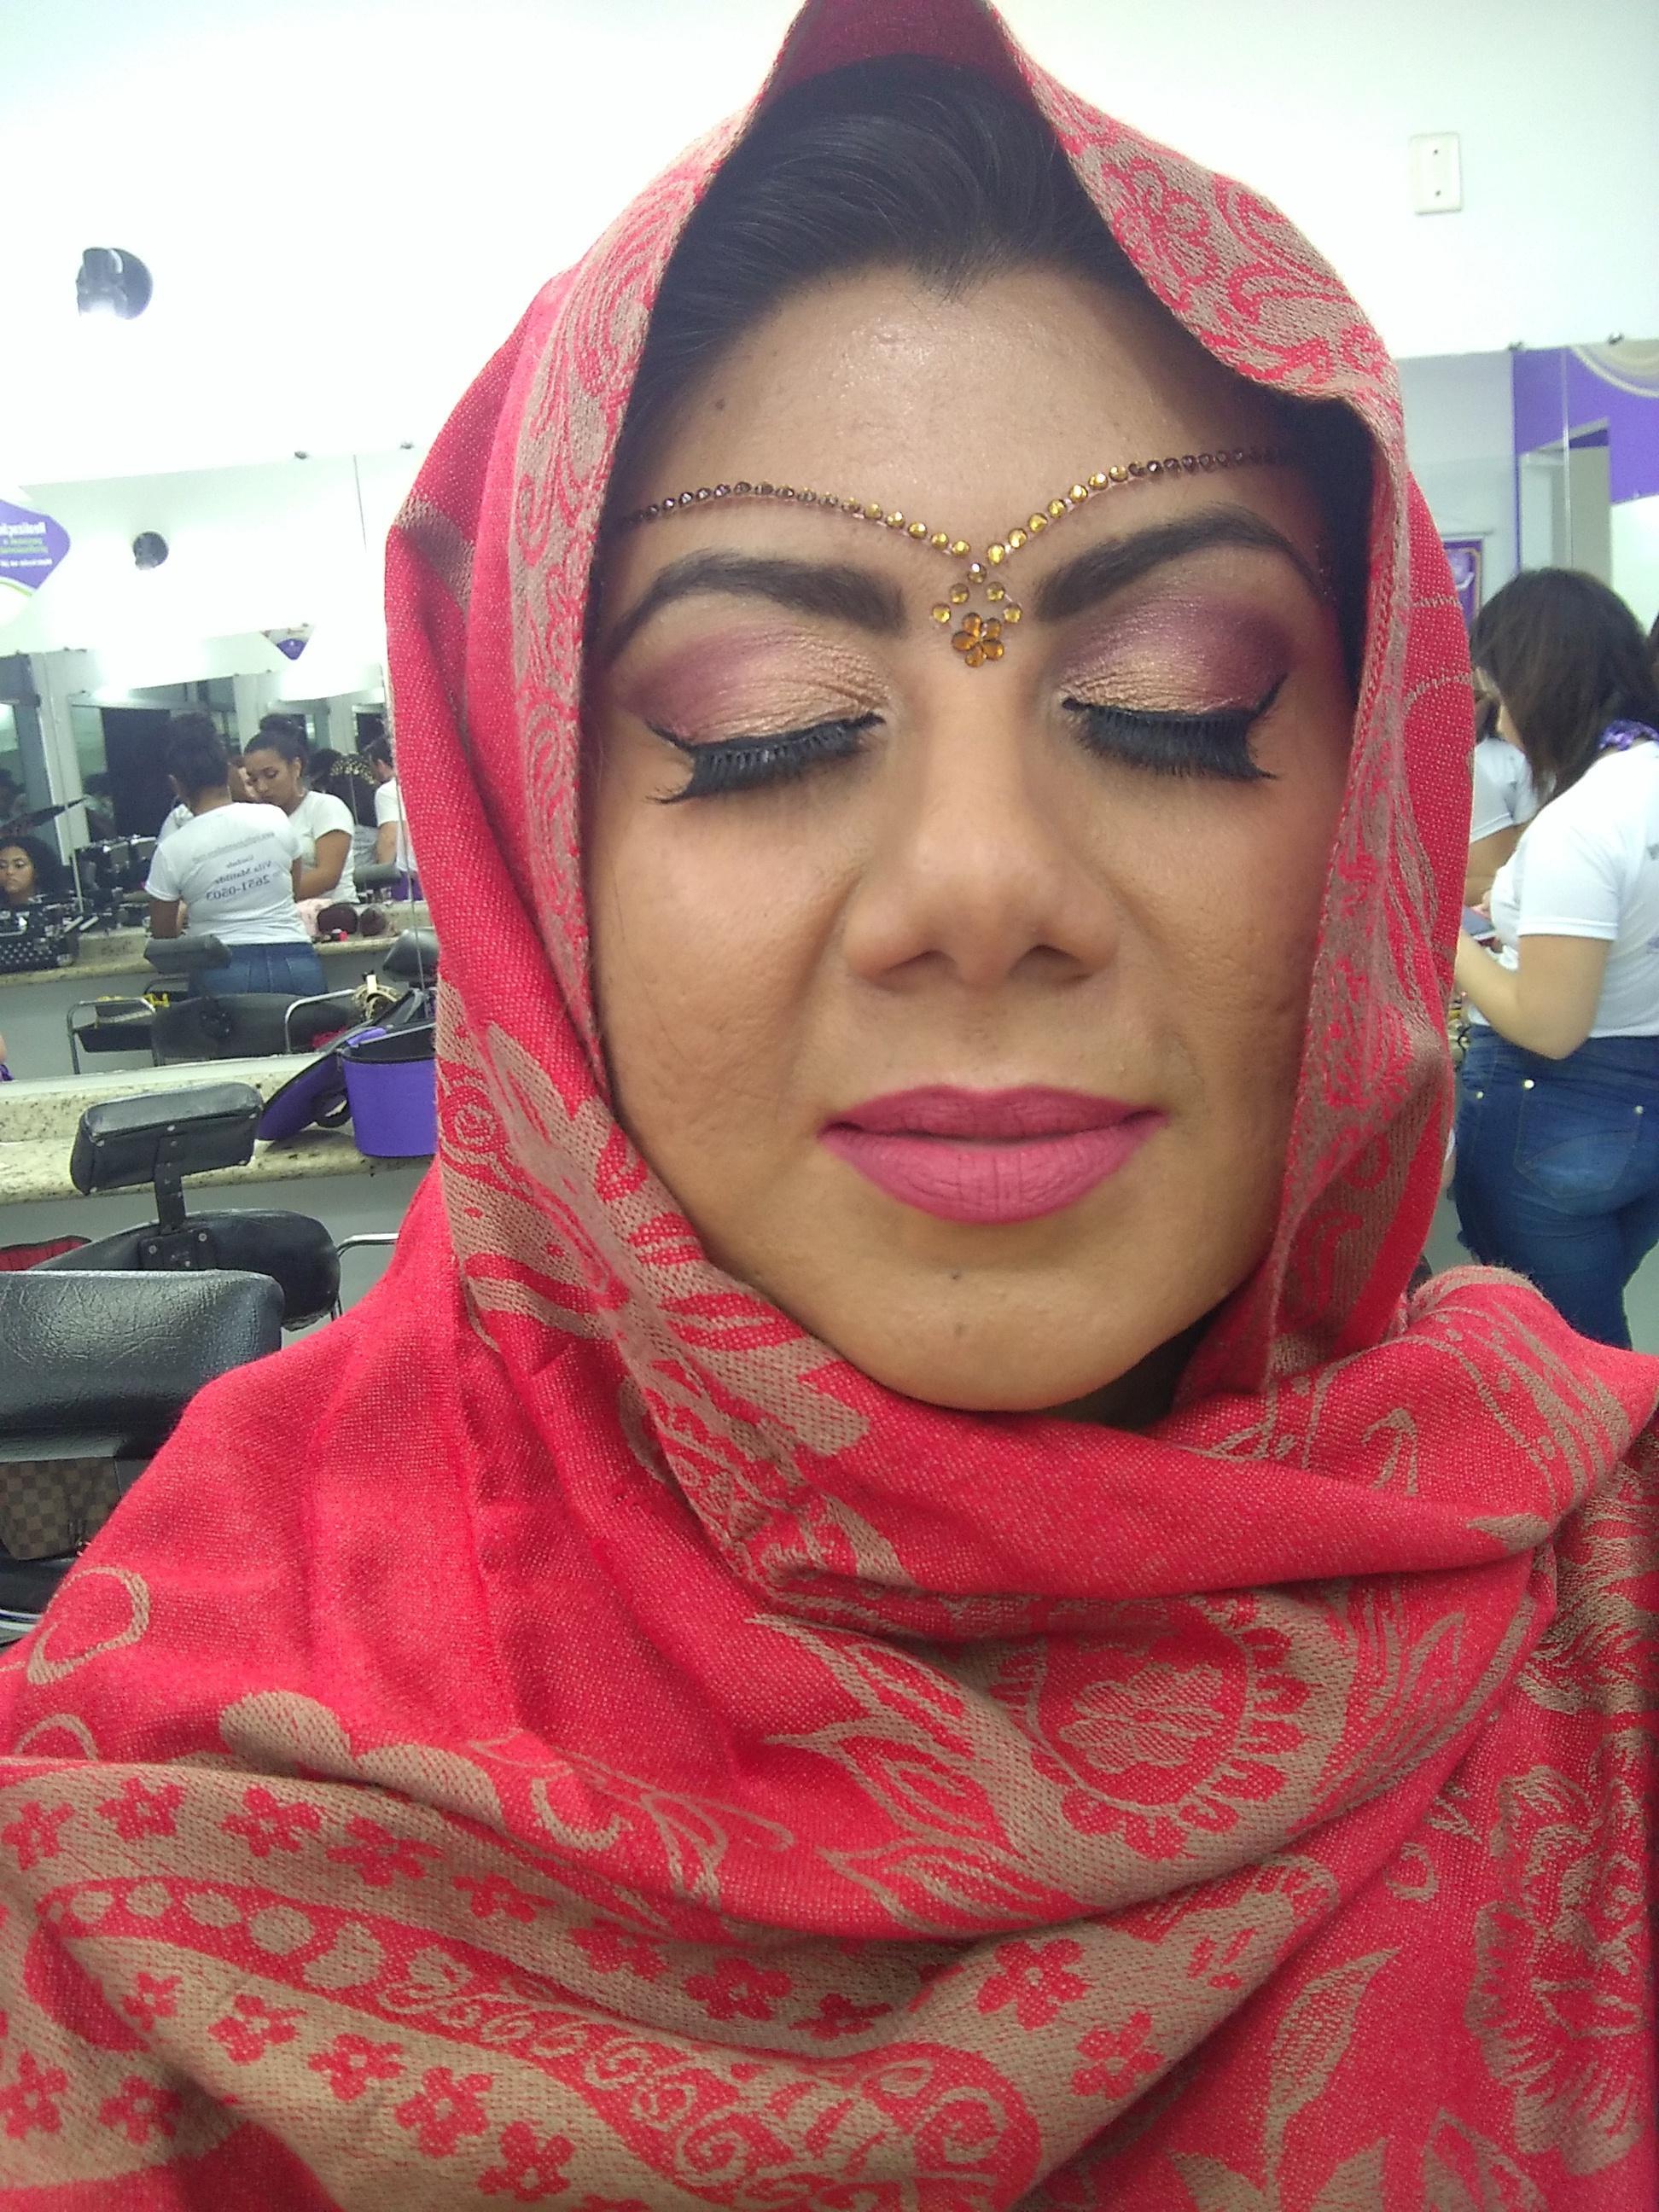 Maquiagem indiana maquiagem estudante (maquiador)